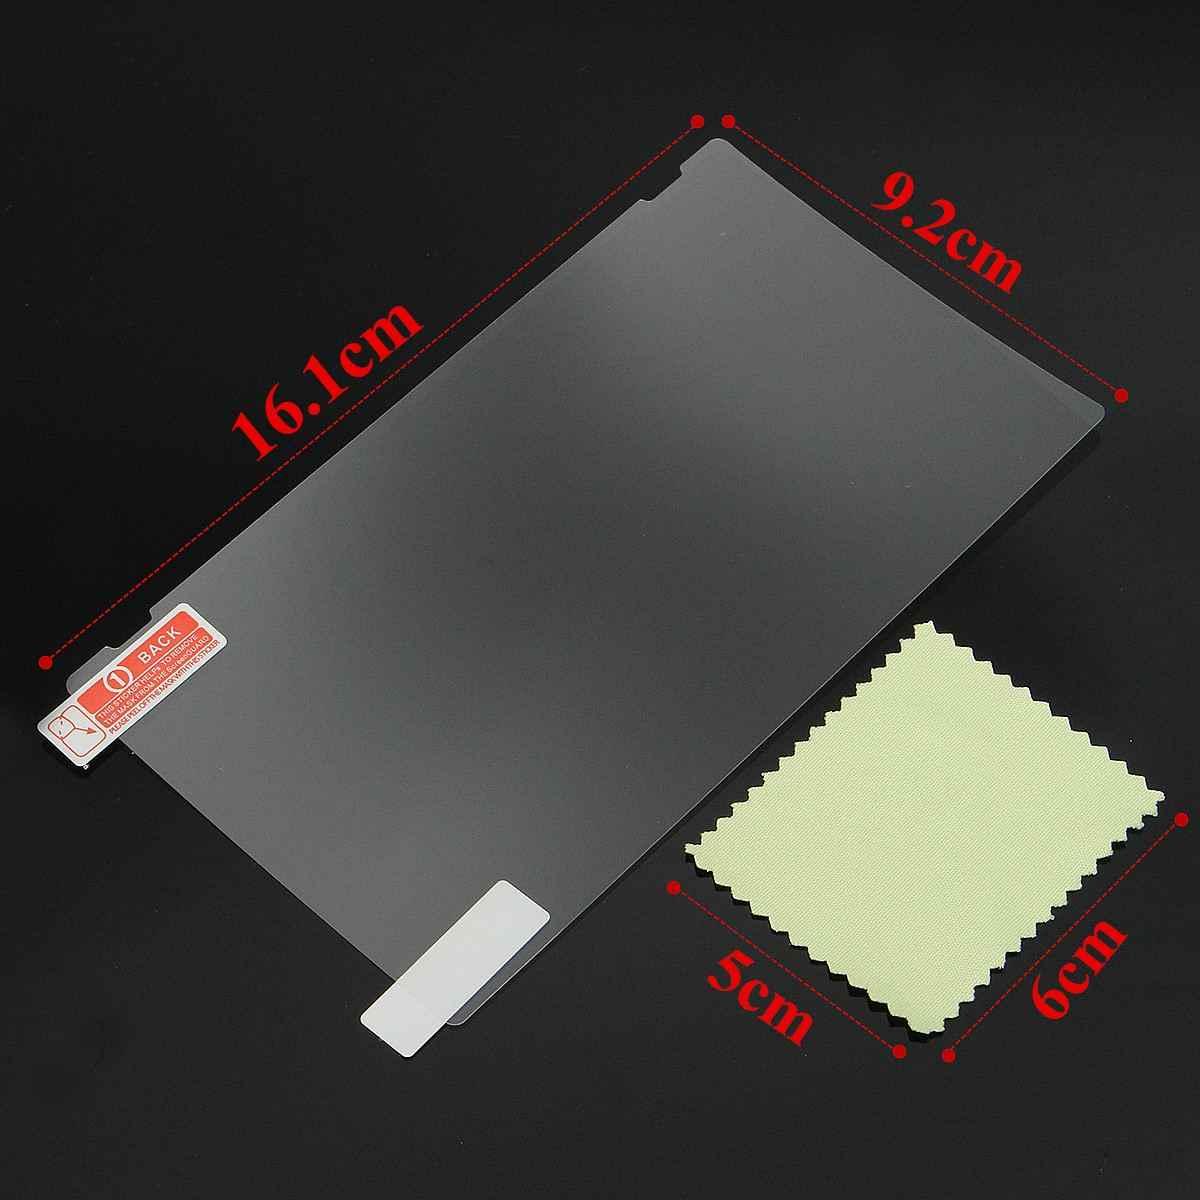 Anti-parmak Izi Ekran Koruyucu Ekstra Hassas Dokunmatik h HD Ekran Temizle Koruyucu Film Kapak Cilt Nintendo Anahtarı